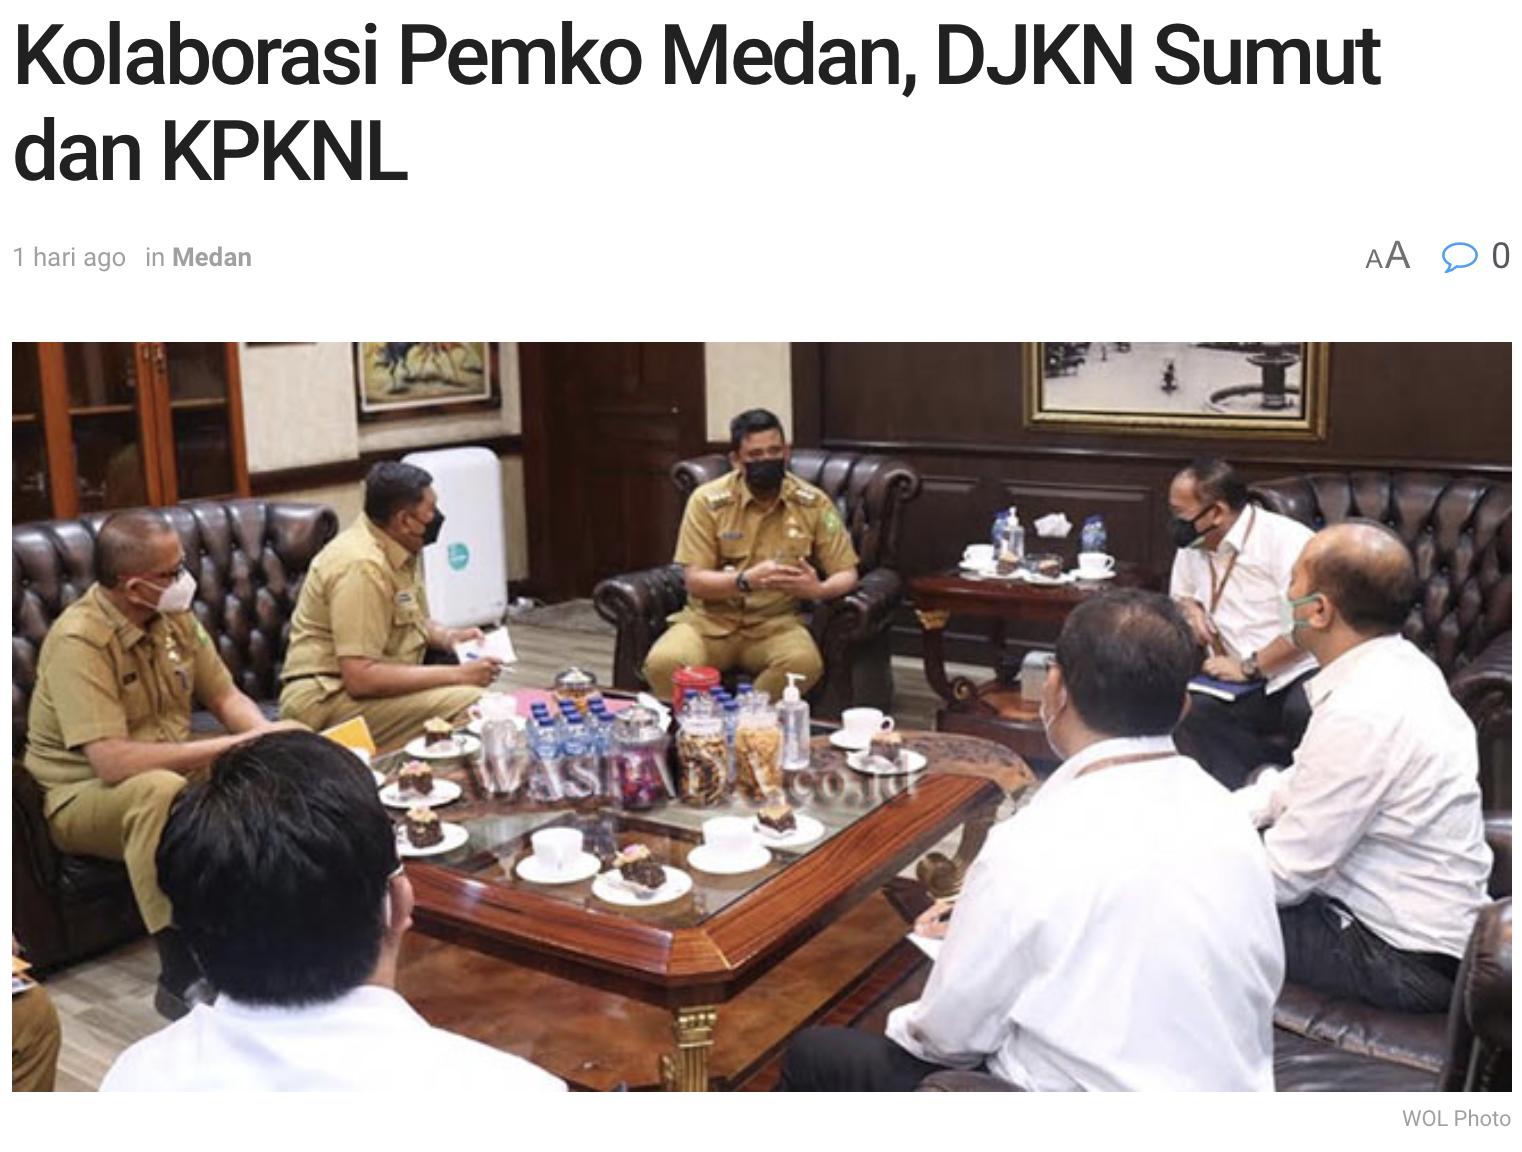 Kolaborasi Pemko Medan, DJKN Sumut dan KPKNL